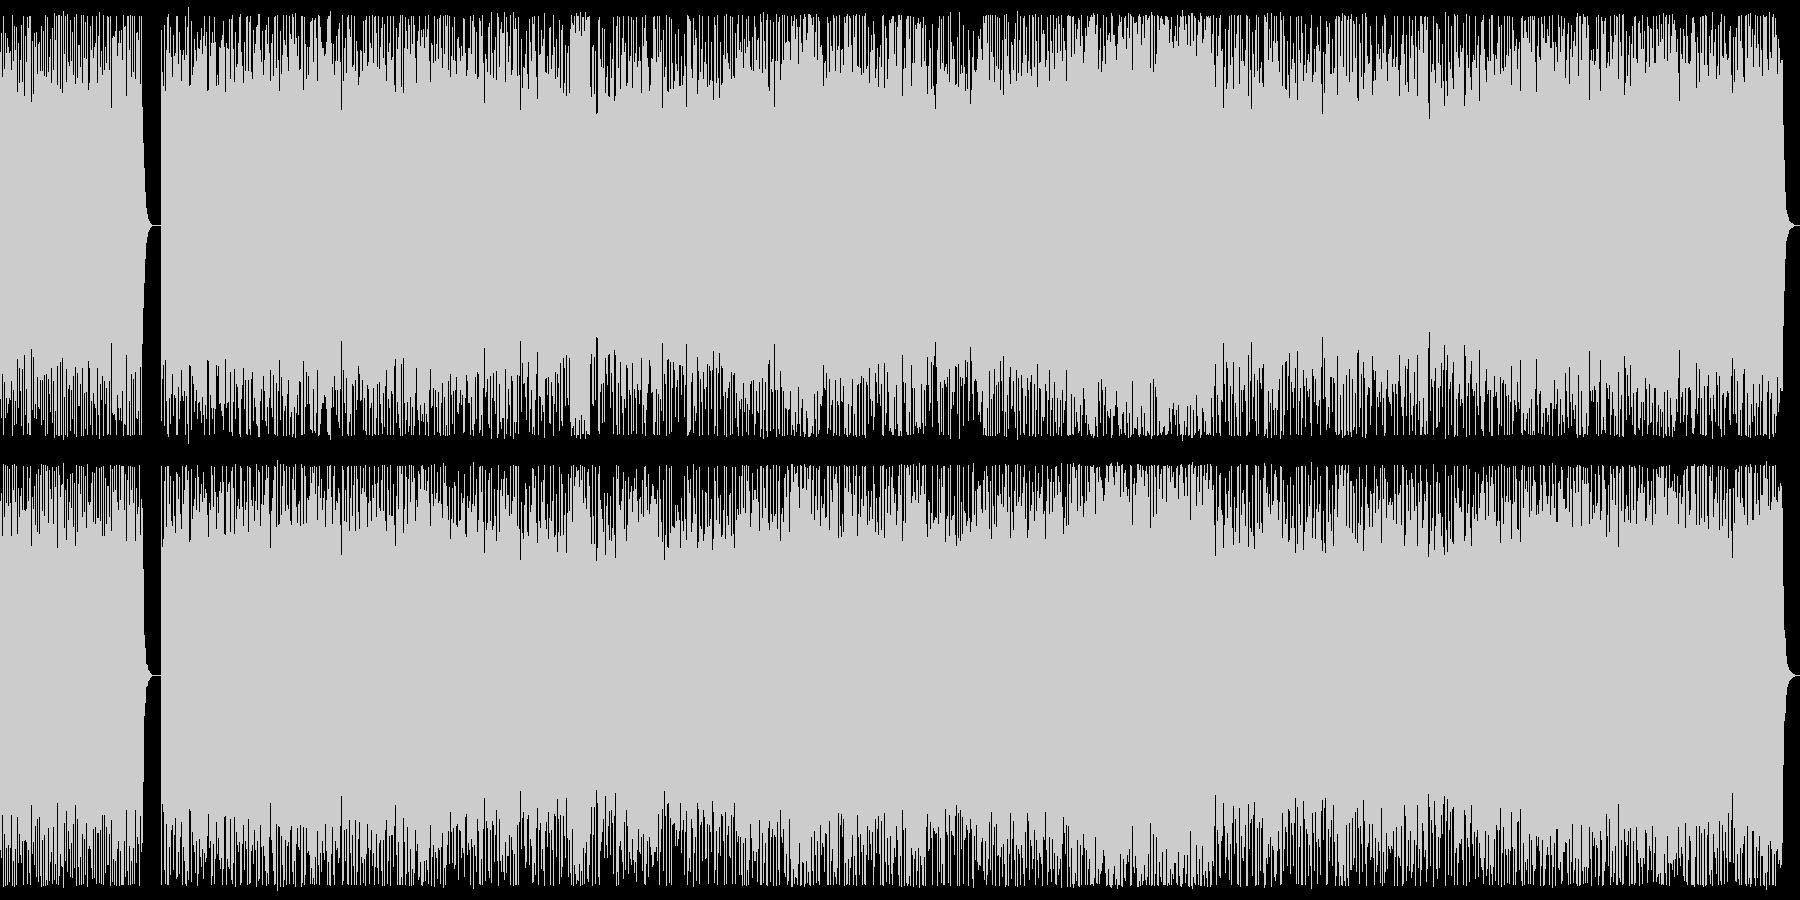 ダークな3連系リズムのヘビーメタルBGMの未再生の波形